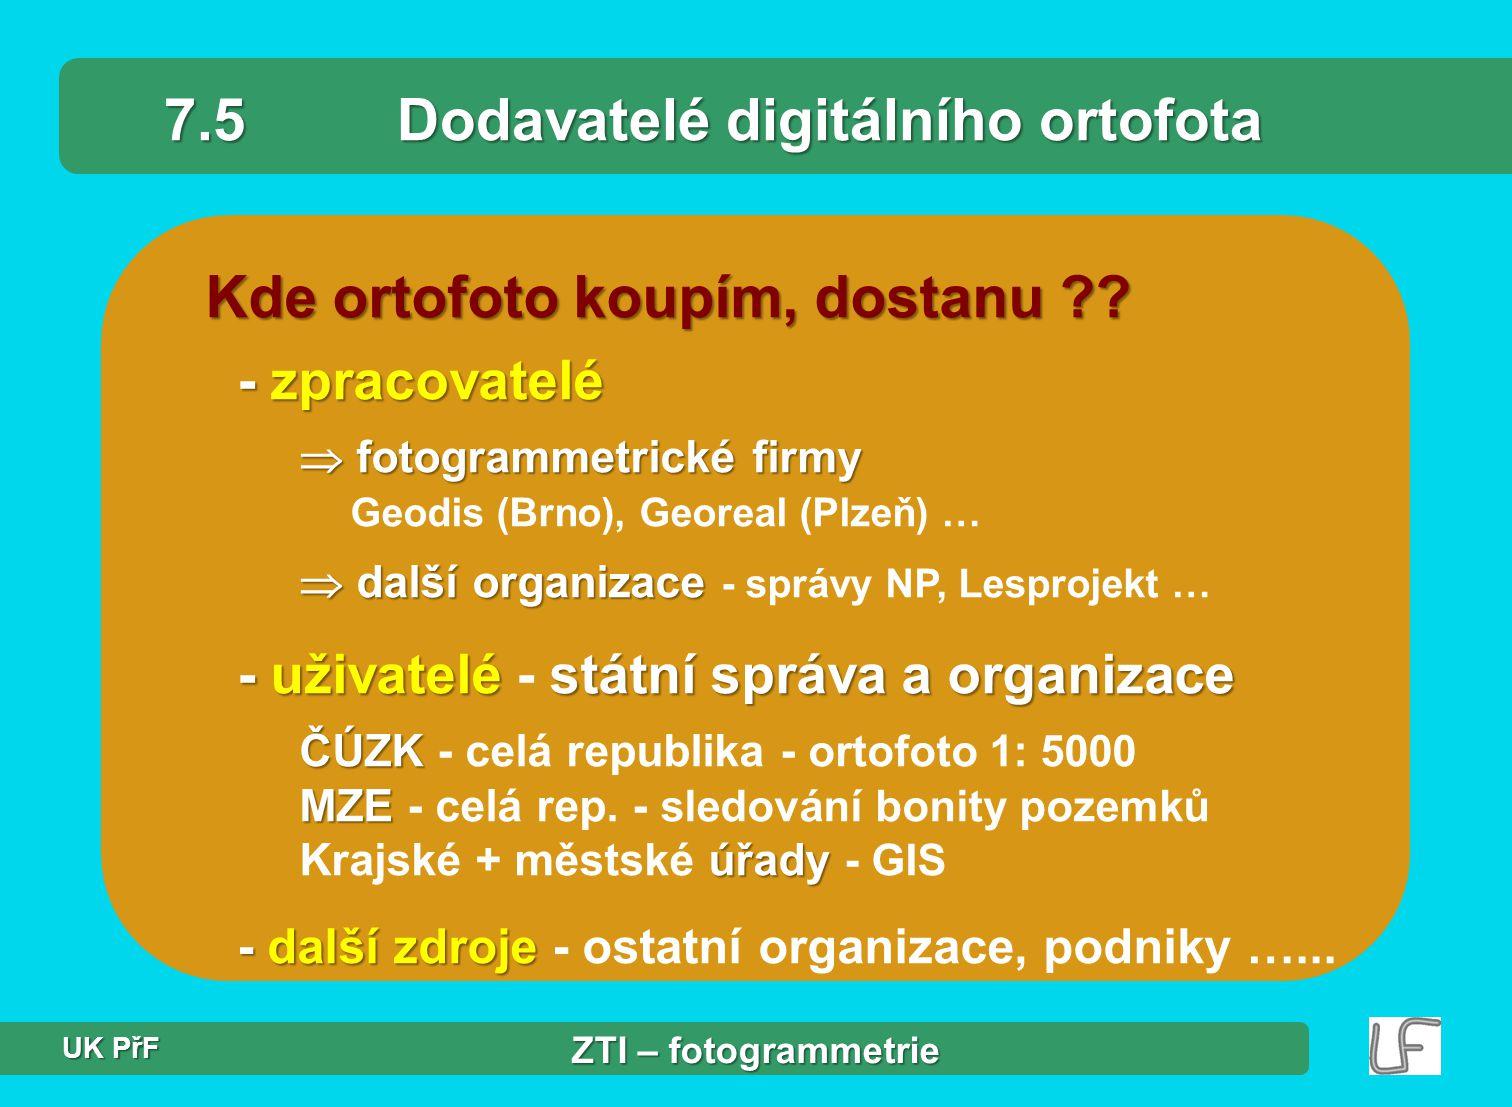 Kde ortofoto koupím, dostanu ?? 7.5Dodavatelé digitálního ortofota - zpracovatelé  fotogrammetrické firmy  fotogrammetrické firmy Geodis (Brno), Geo